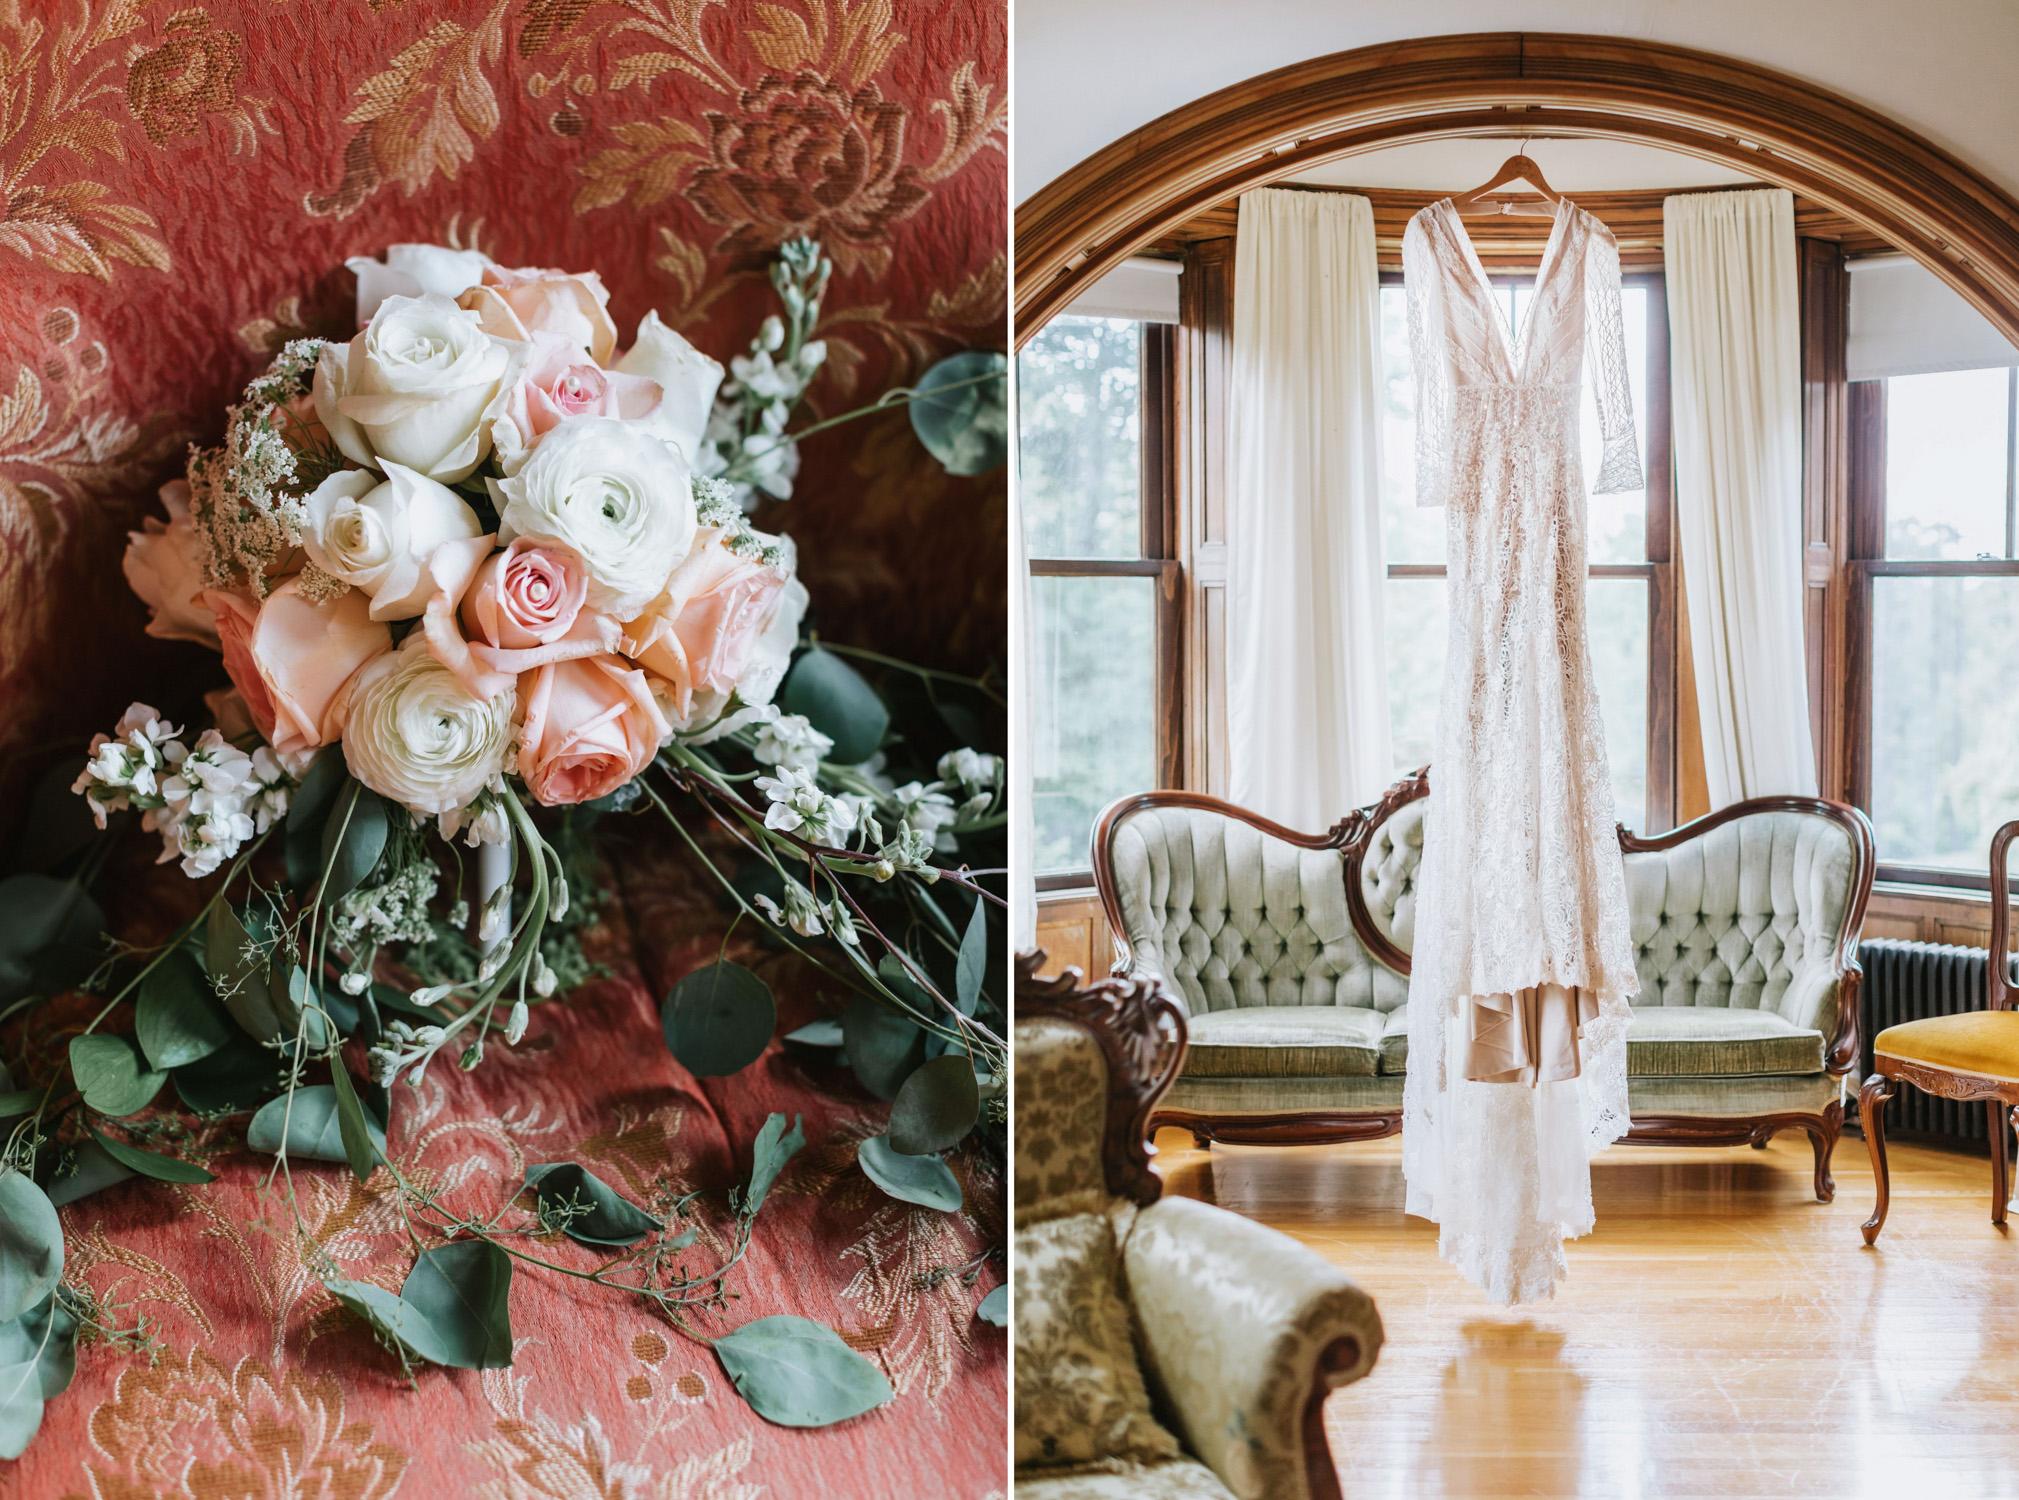 Stevens__Estate_Cambodian_Wedding_Photographer-3.jpg